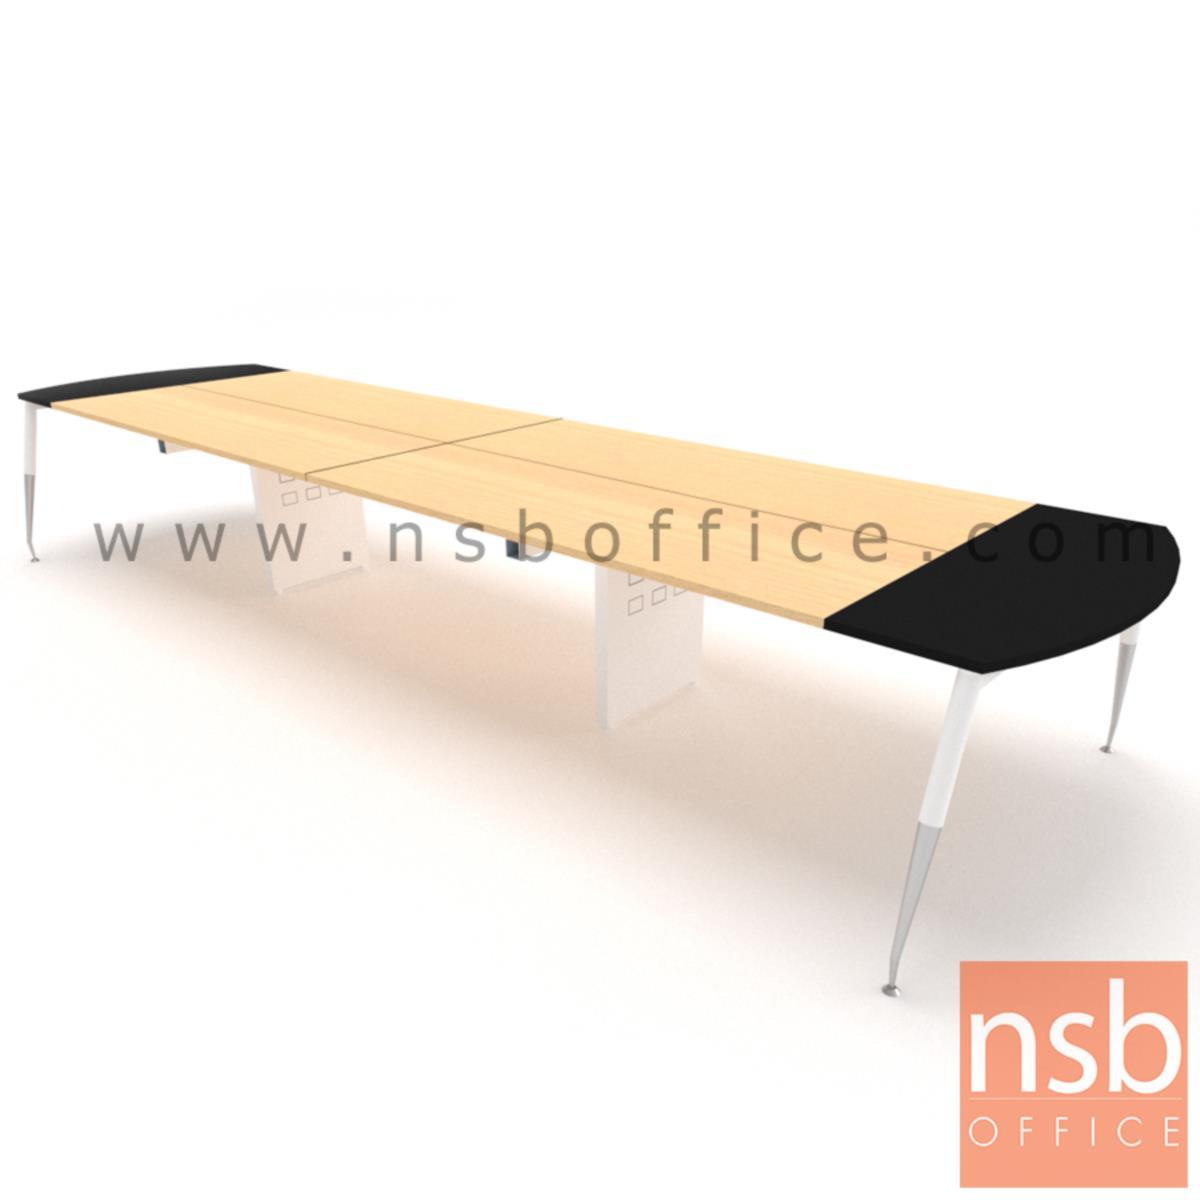 โต๊ะประชุมหัวโค้ง ขาปลายเรียว  ลึก 120 cm.  ขากลางมีกล่องนำสายไฟ